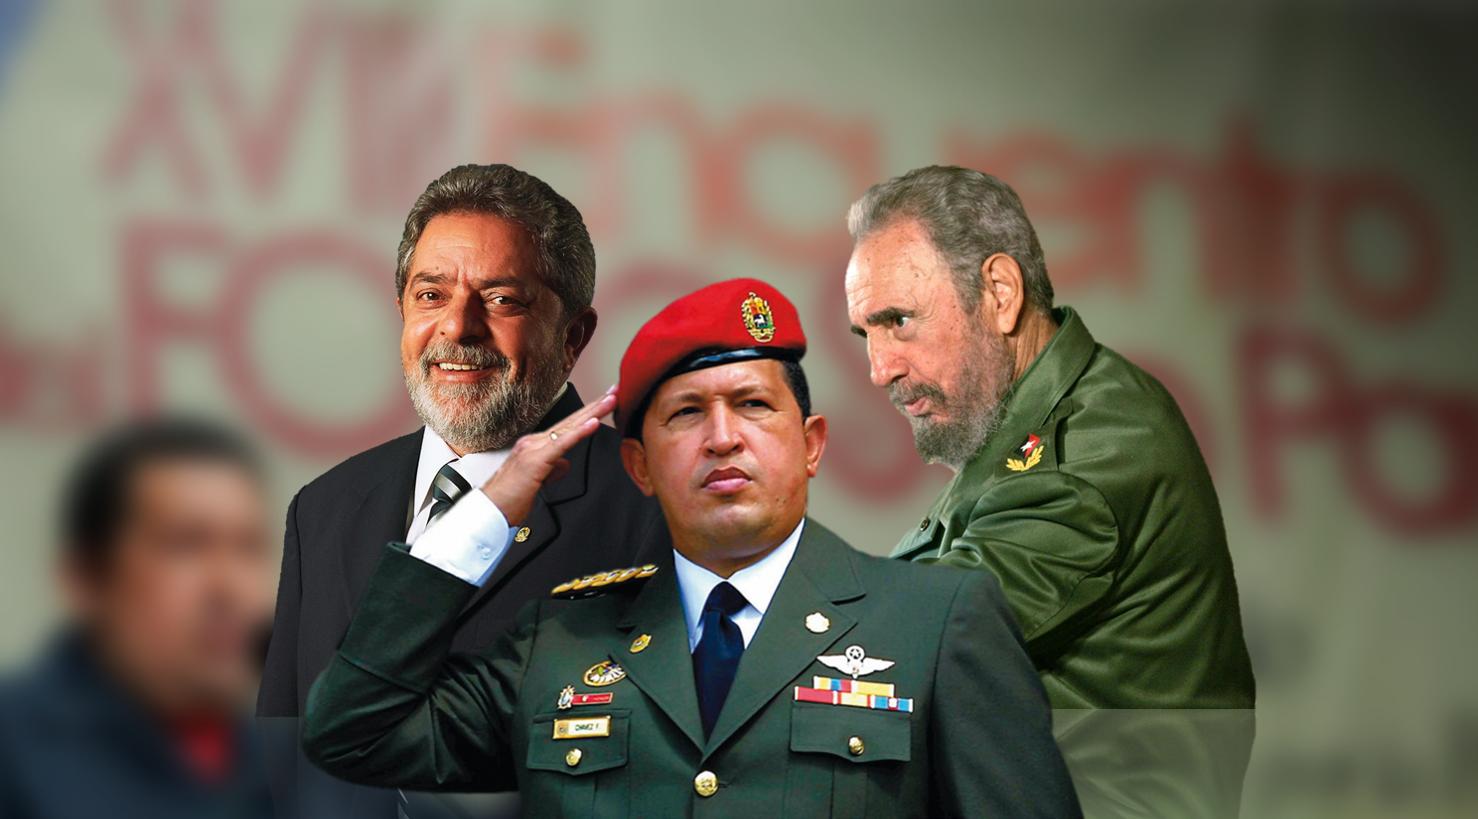 Foro de Sao Paulo: Del chavismo al epicentro de la izquierda antiimperialista